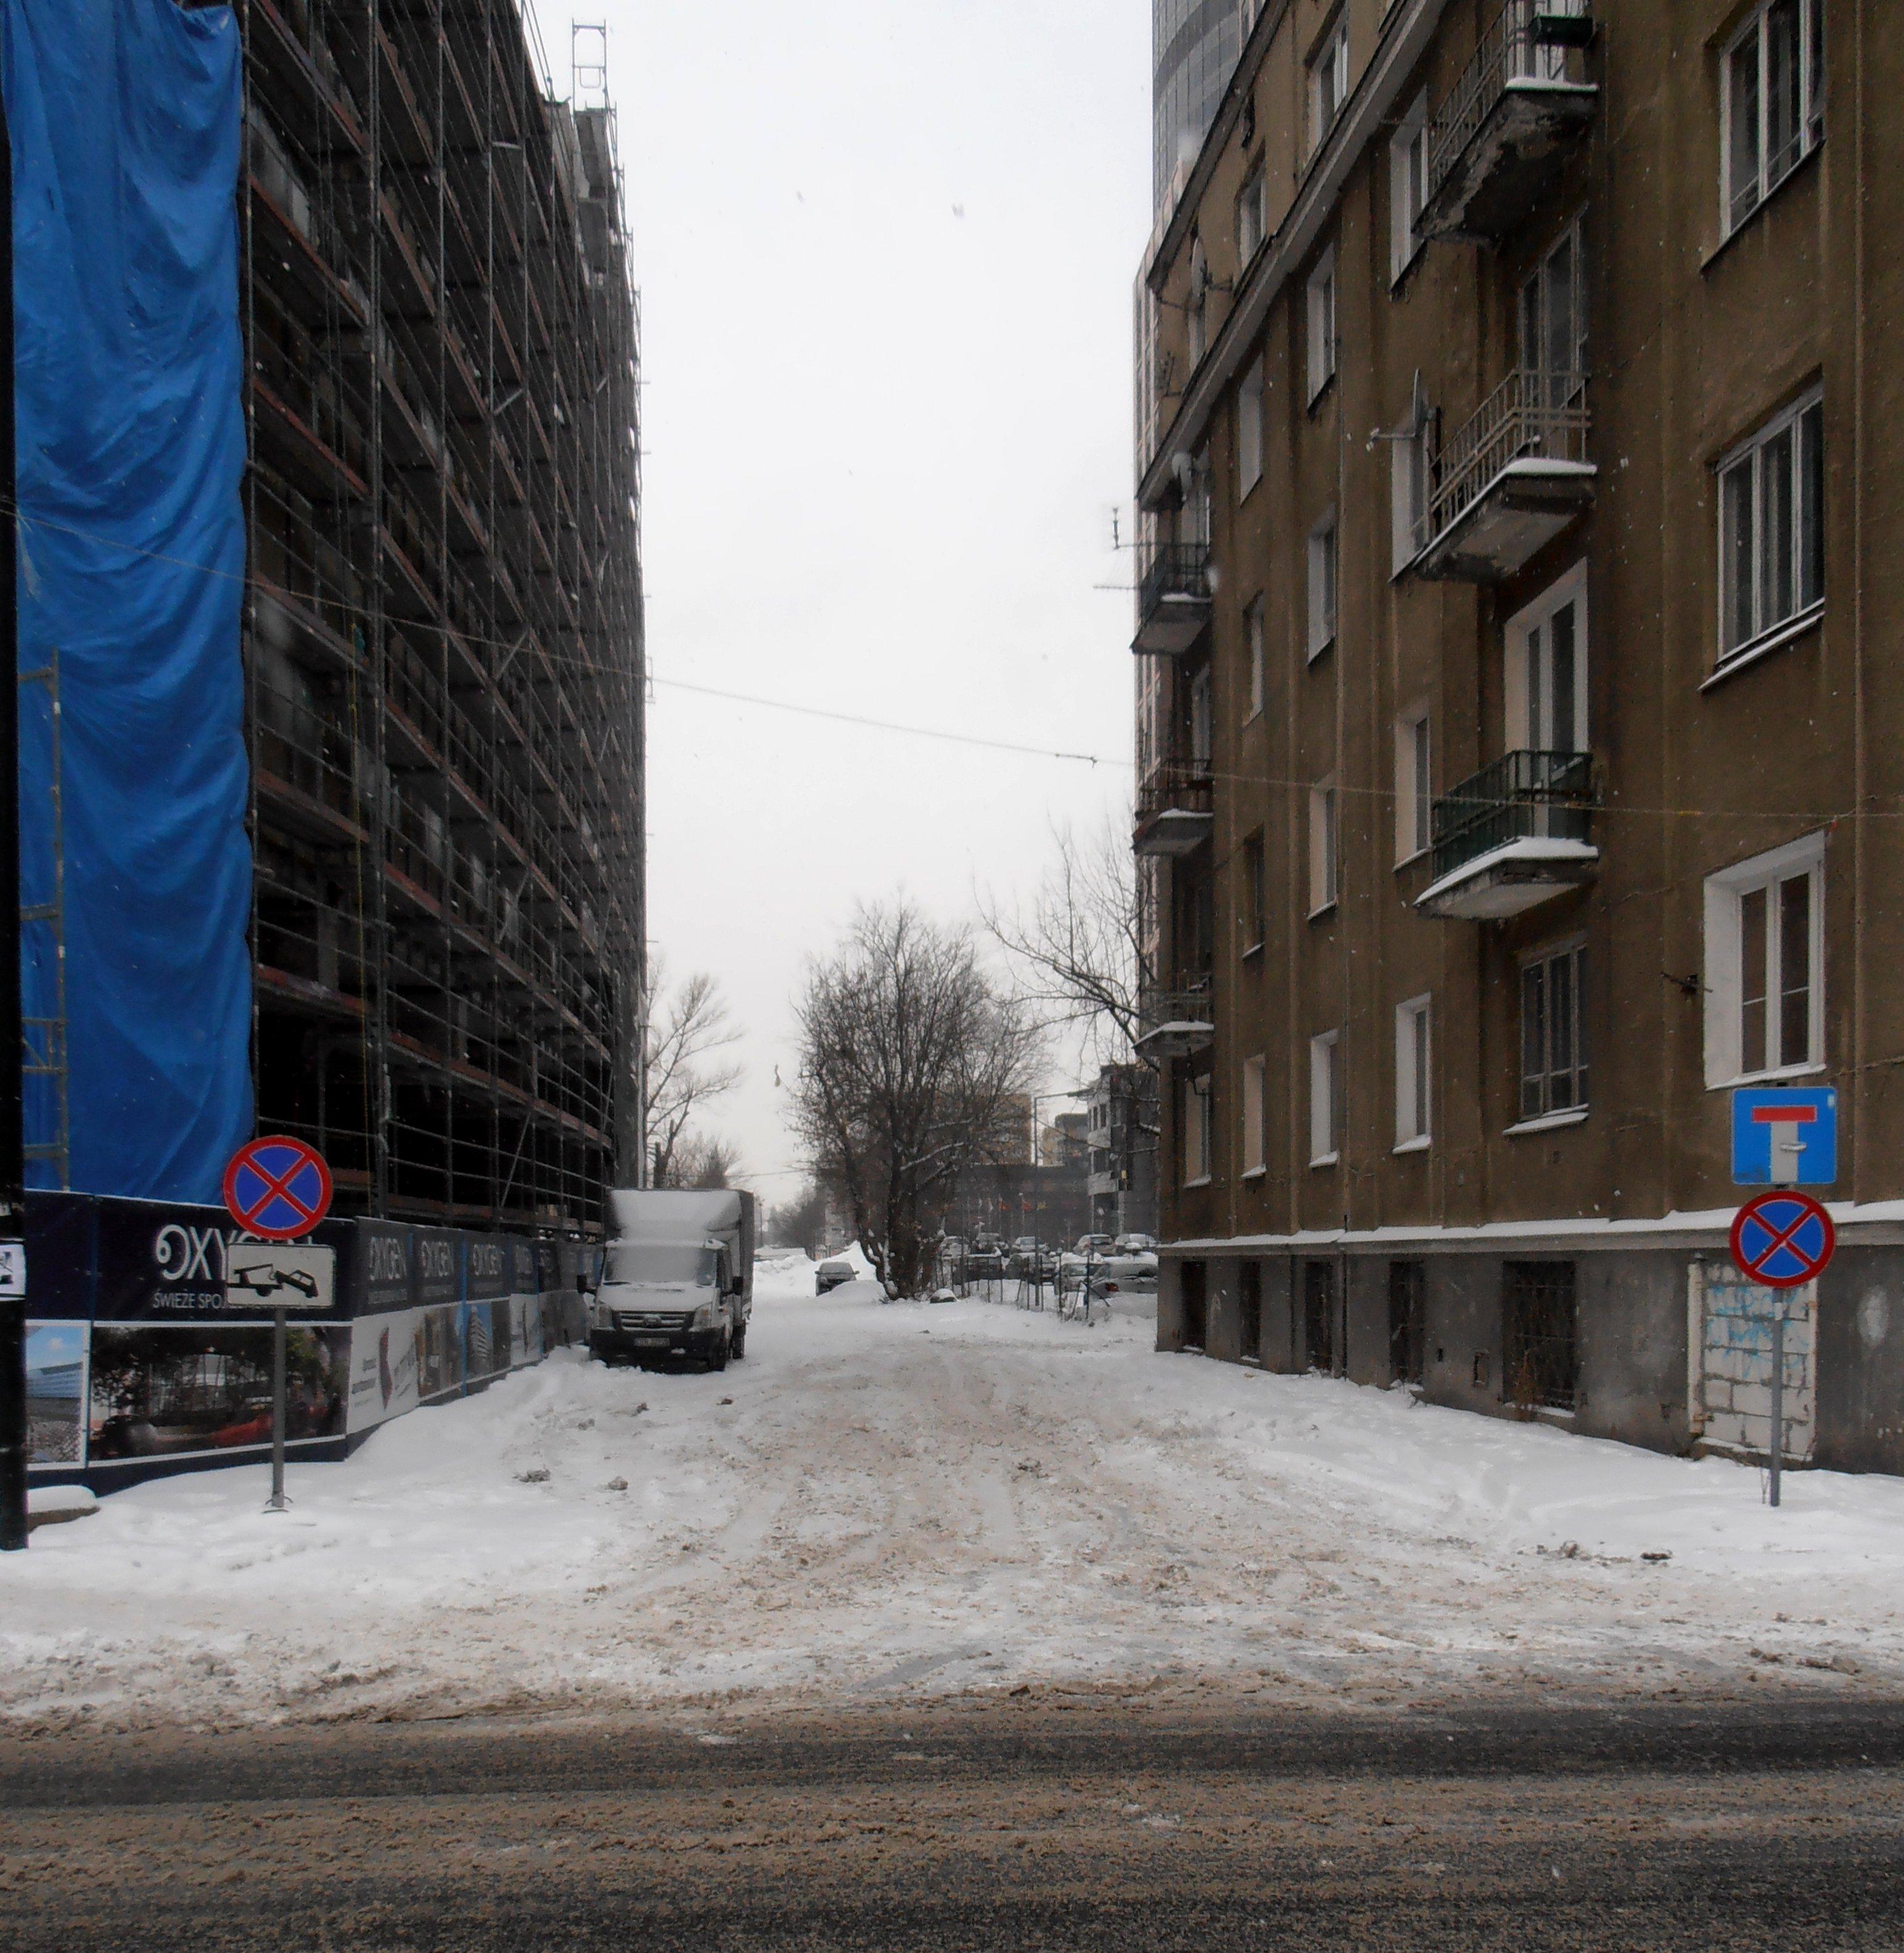 Ulica Kotlarska